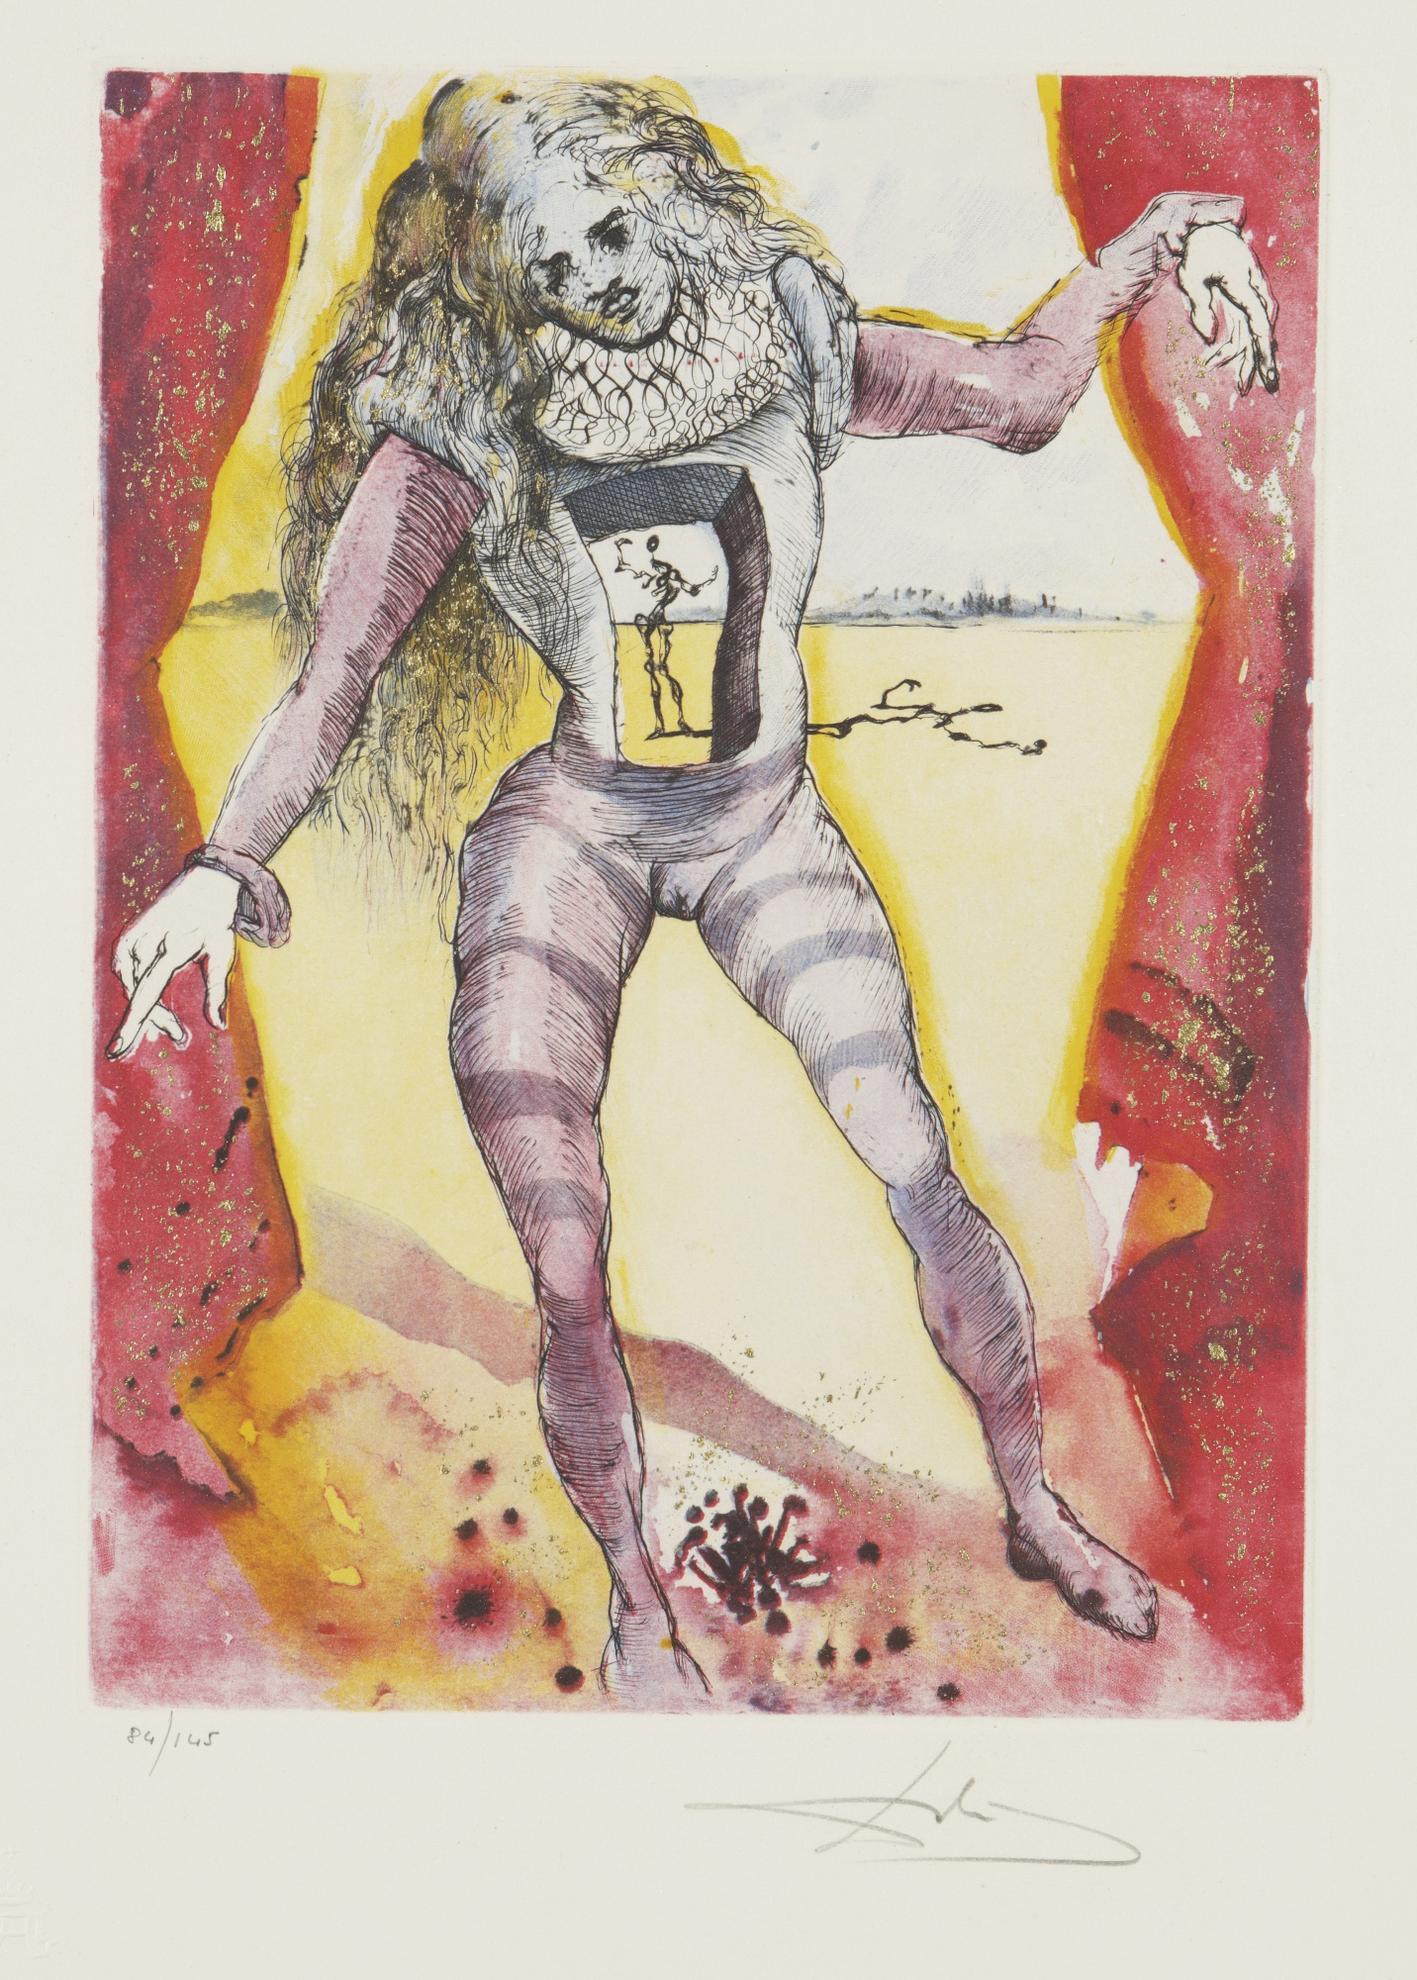 Salvador Dali-Hamlet (M. & L. 607-616; F. 73-2 A-J)-1974